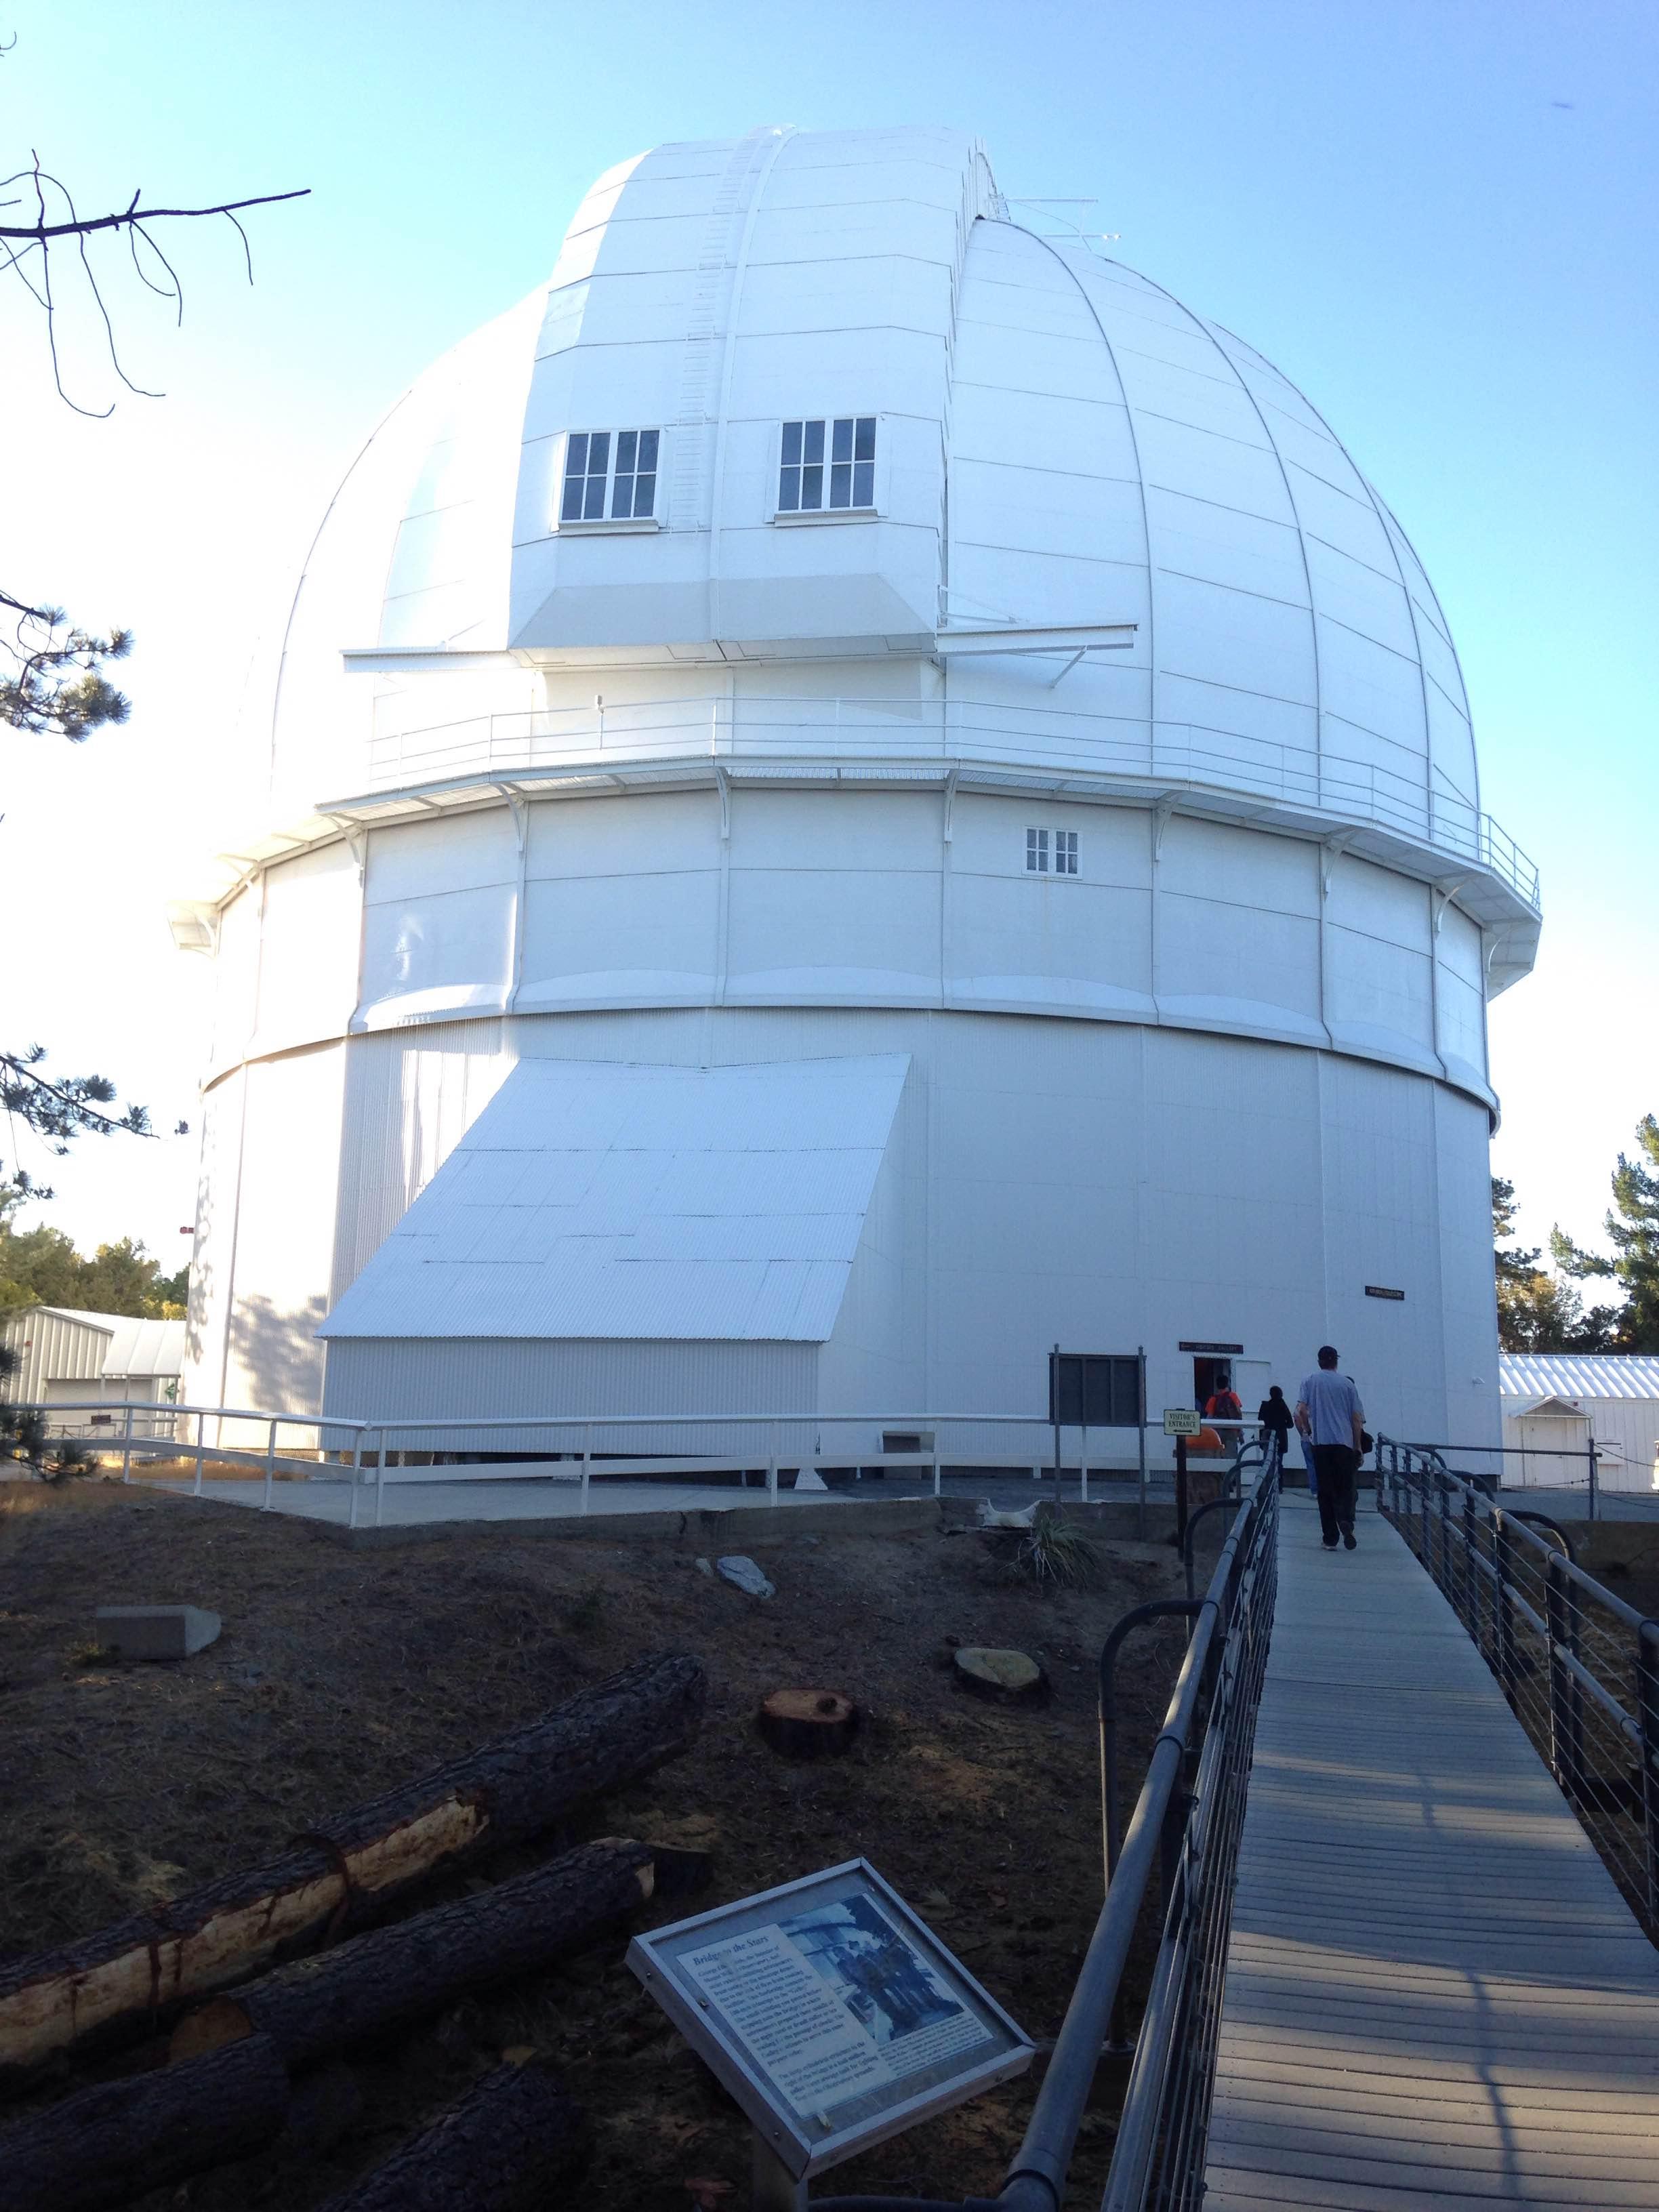 Mt Wilson 2 - Einstein bridge and the 100-inch